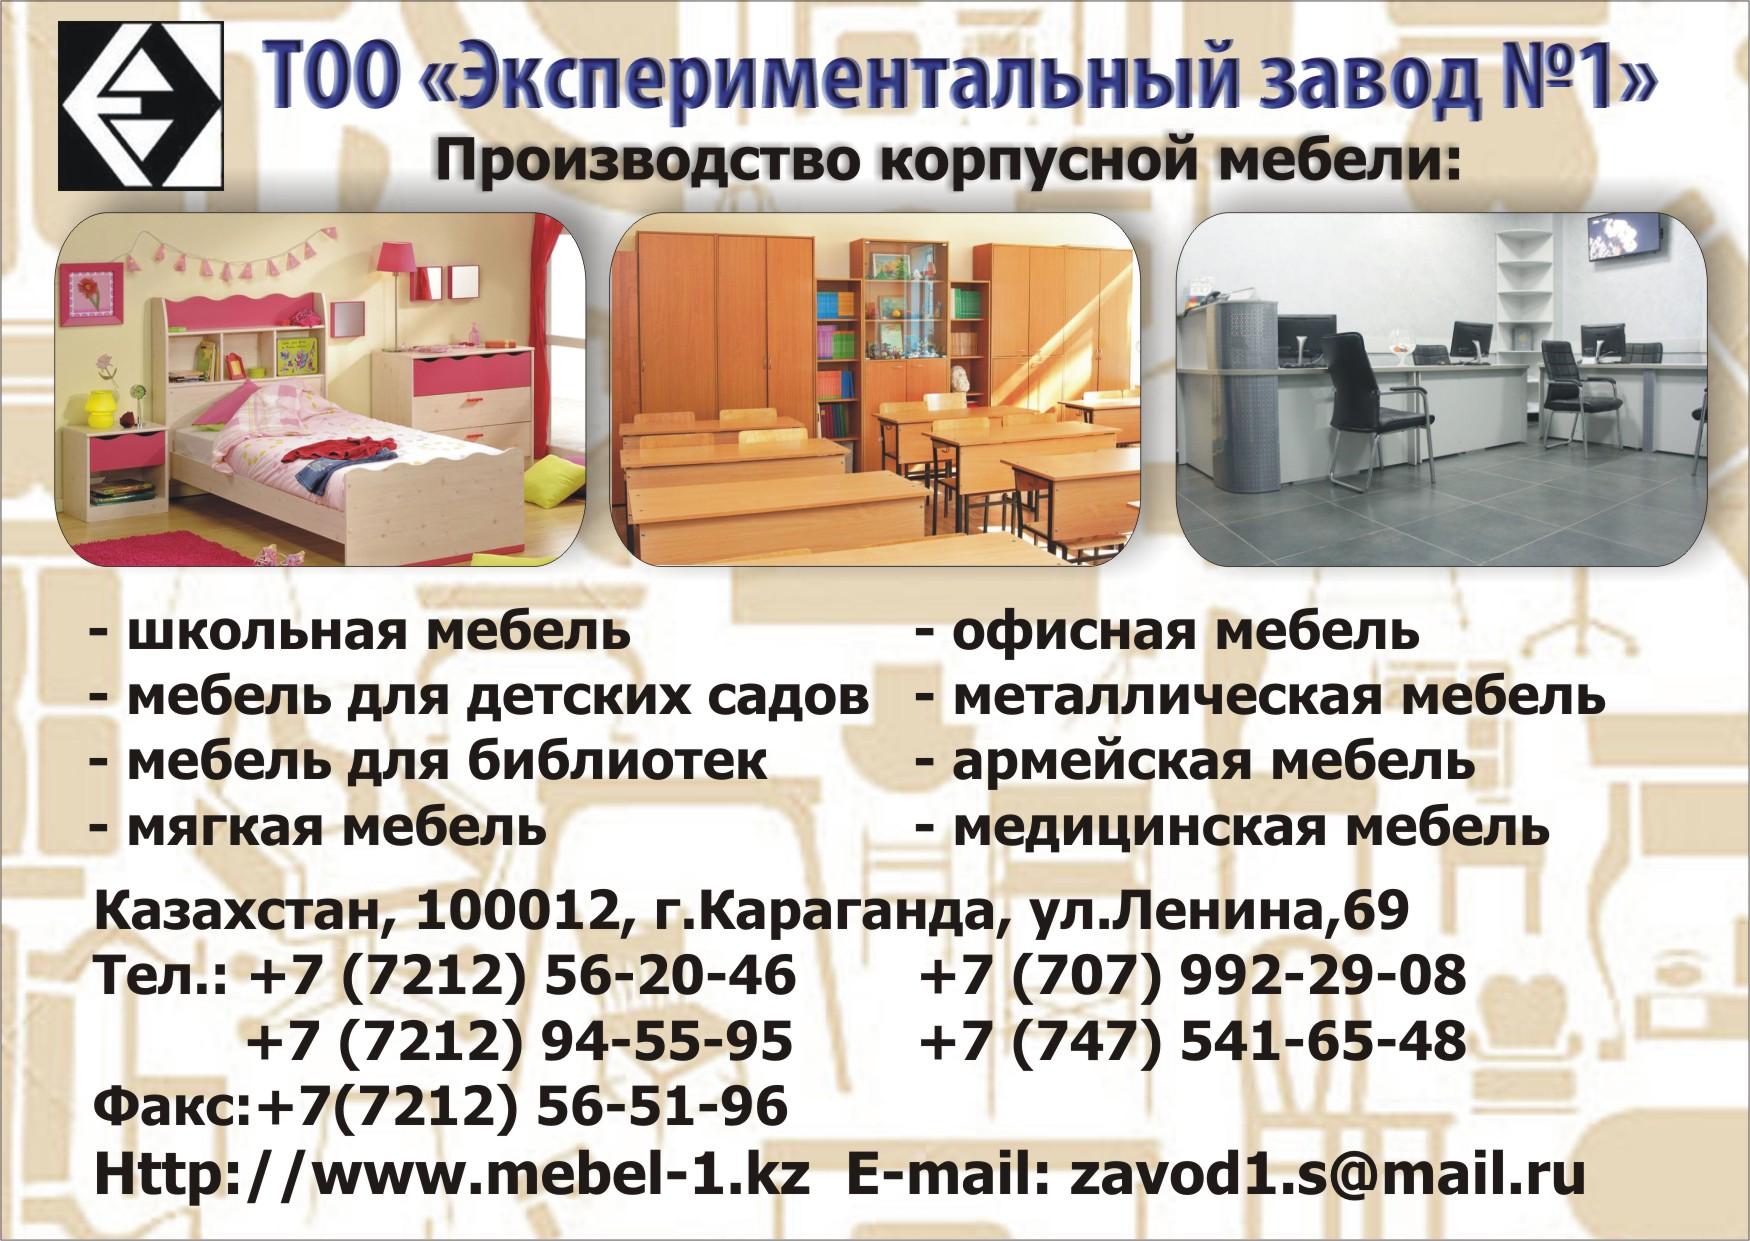 ТОО Экспериментальный завод №1 Караганда